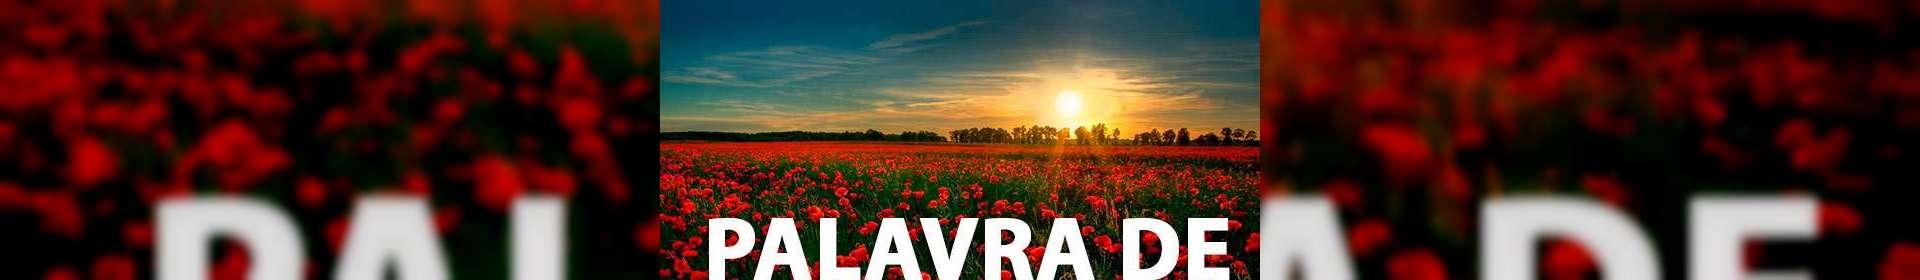 Isaías 9:3 - Uma Palavra de Esperança para sua vida